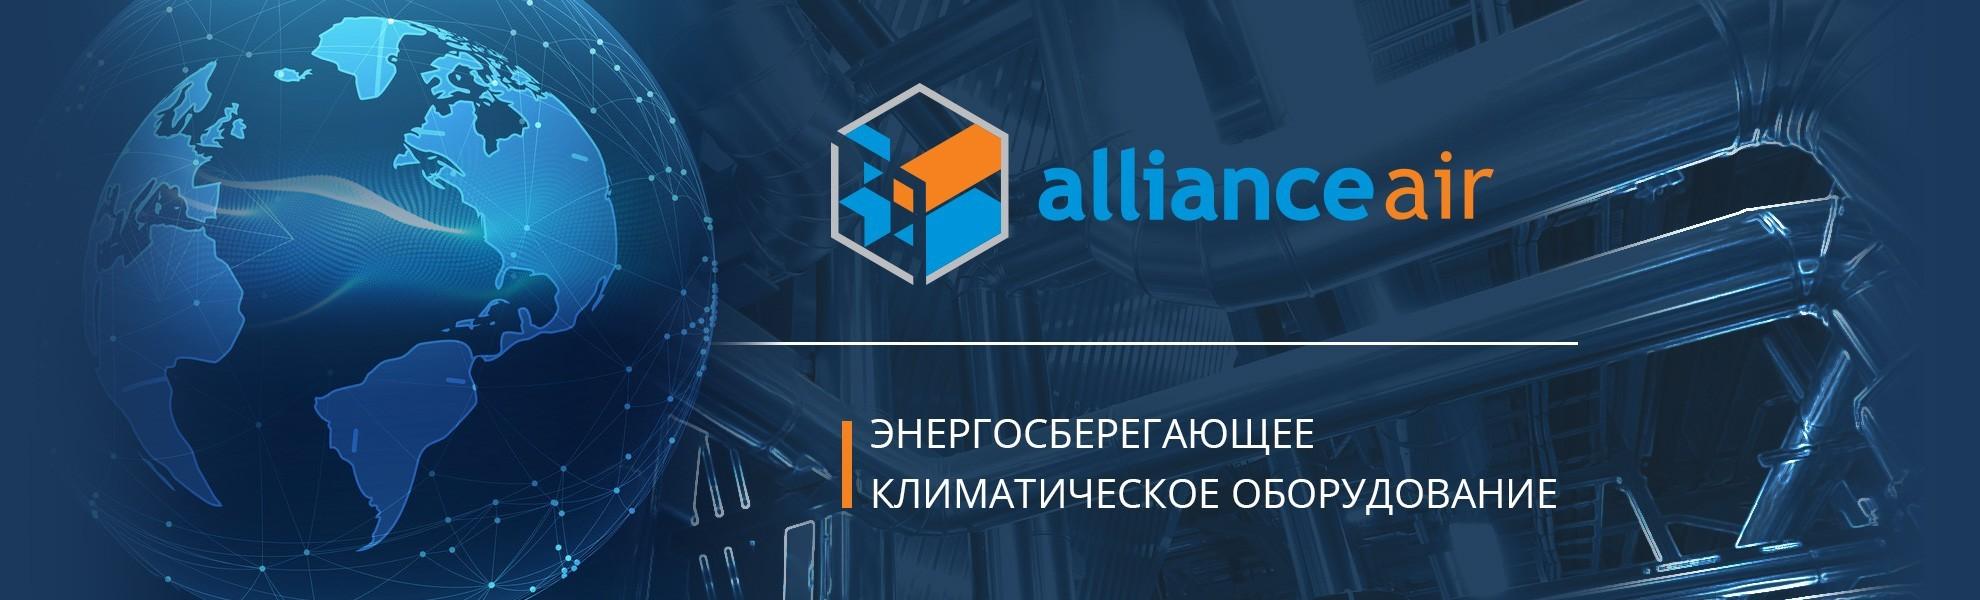 Альянс Эйр - Энергосберегащее климатическое оборудование слайдер